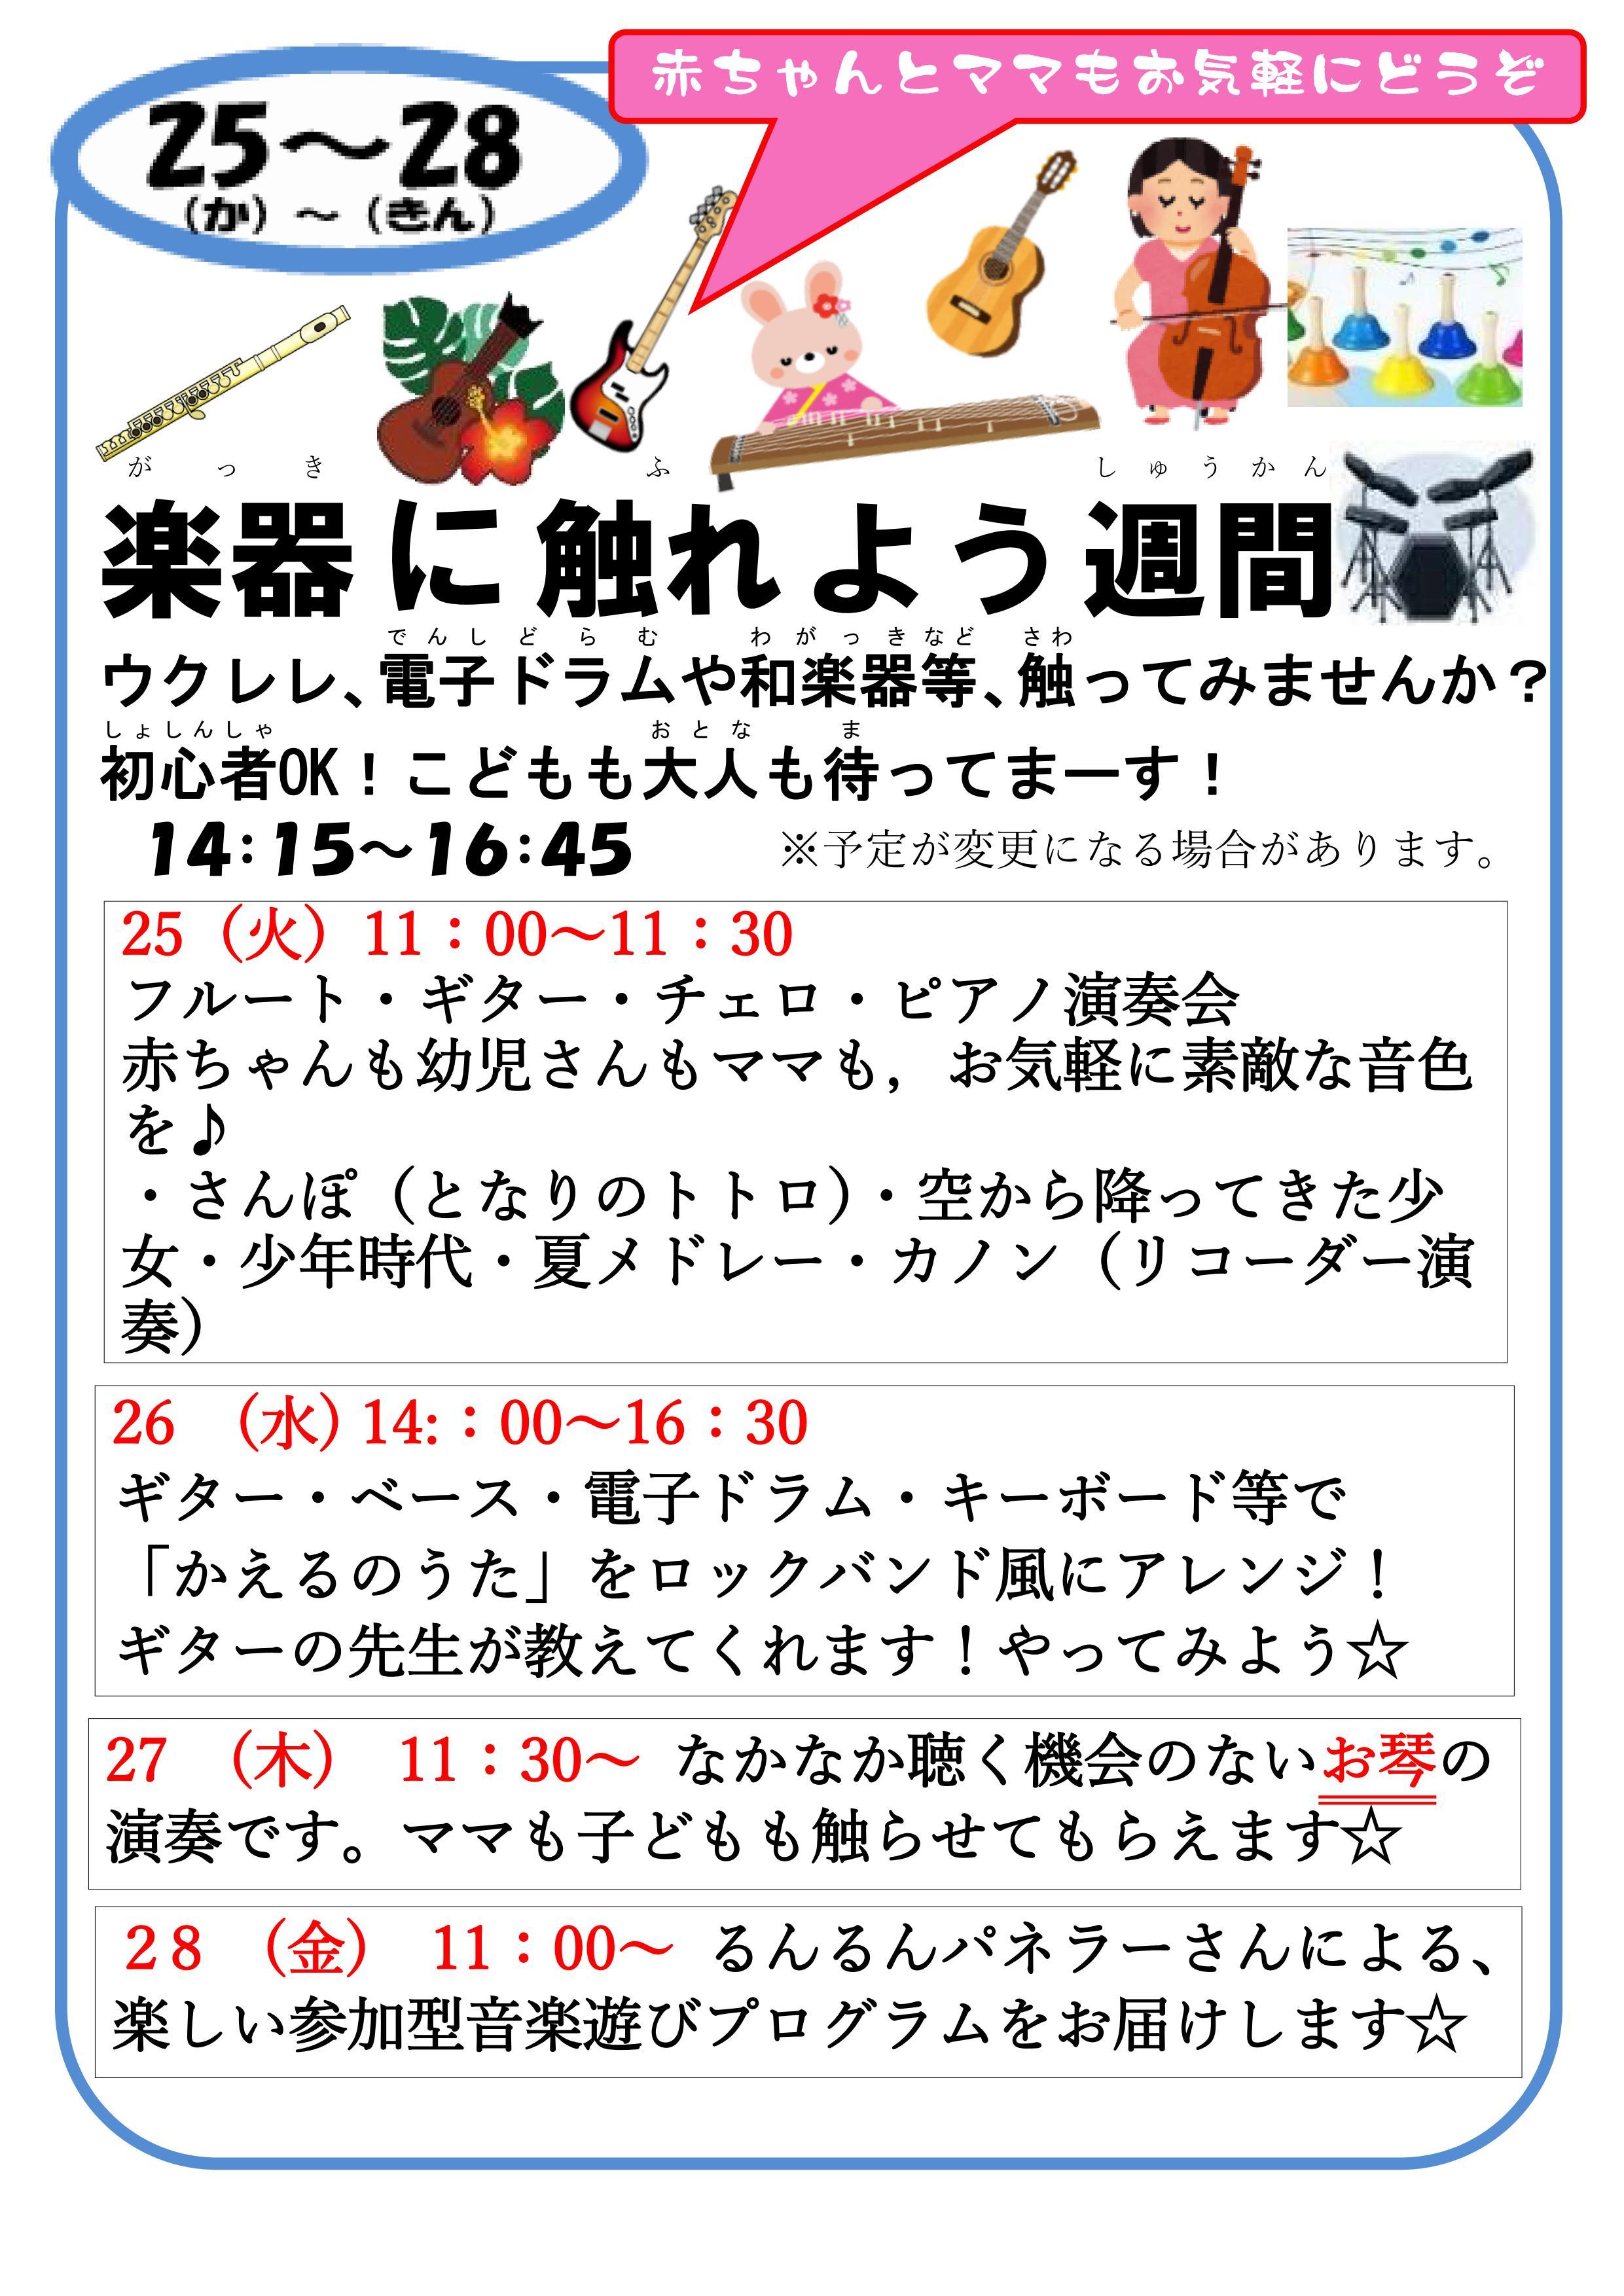 神戸市立六甲道児童館「楽器に触れよう週間」